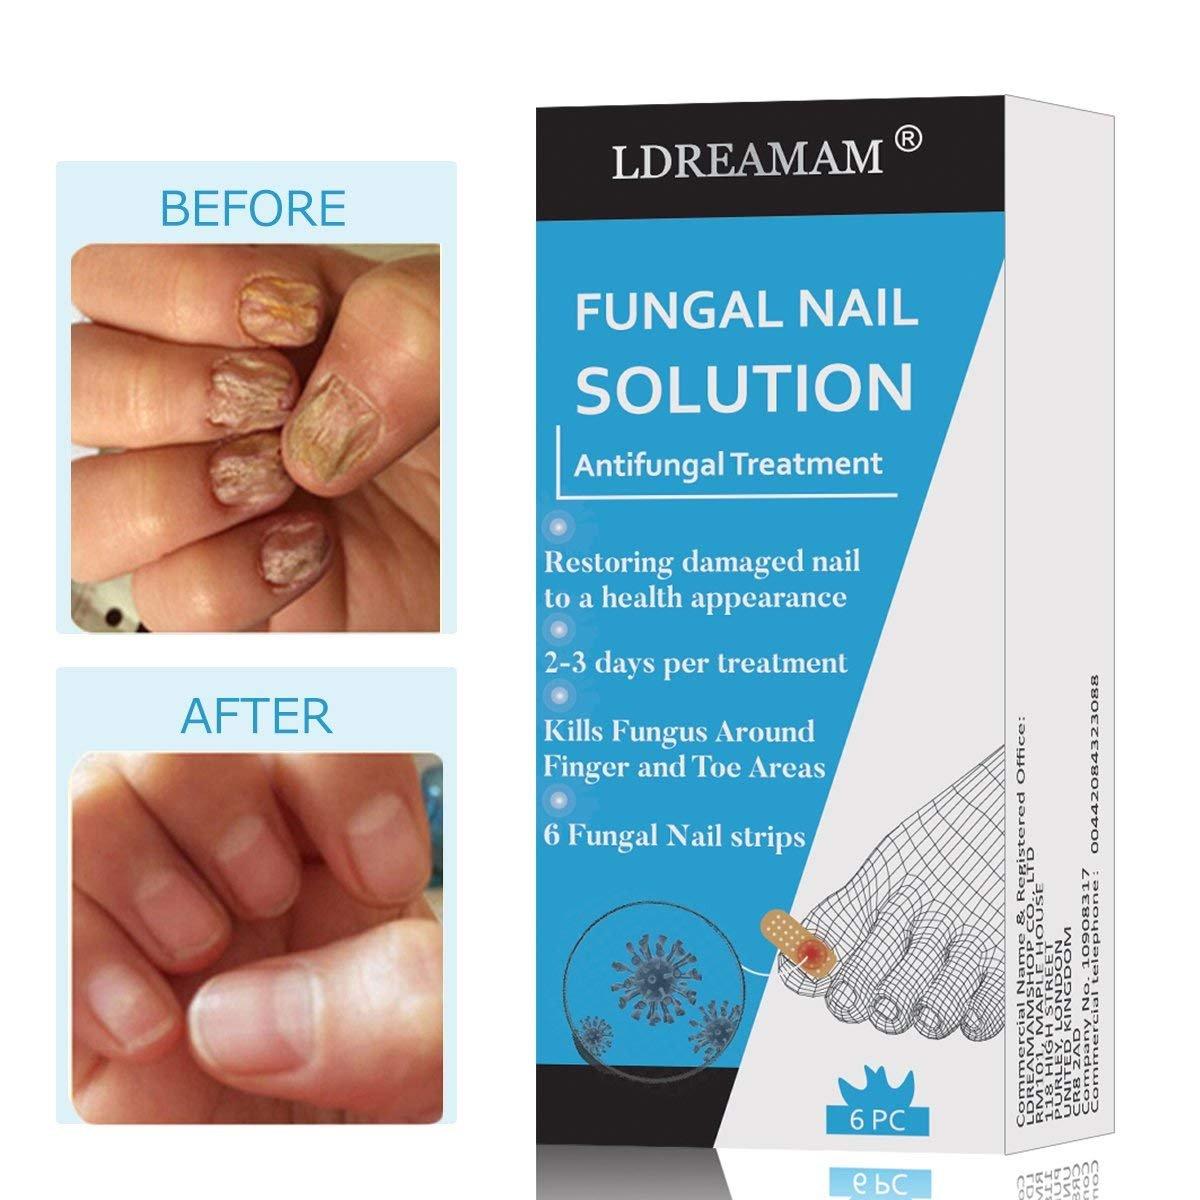 Nail Fungus,Antifungal Nail Treatment,Toenail Fungus Treatment,Antifungal Nail Gel,Removal of Fingernail and Toenail Fungus